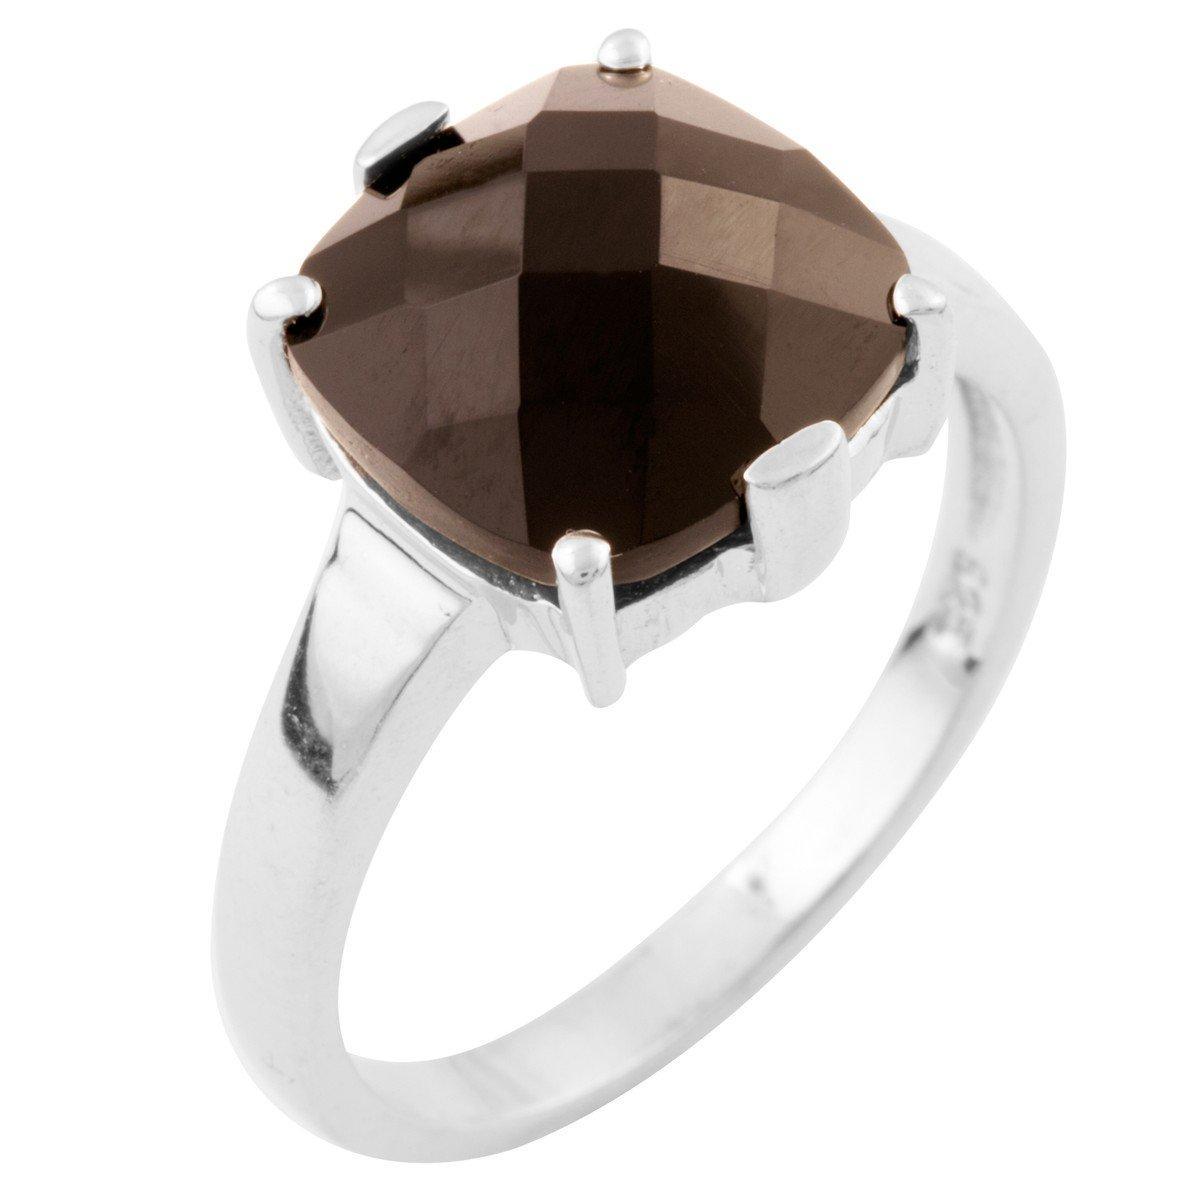 Серебряное кольцо DreamJewelry с натуральным ониксом (1633519) 17 размер